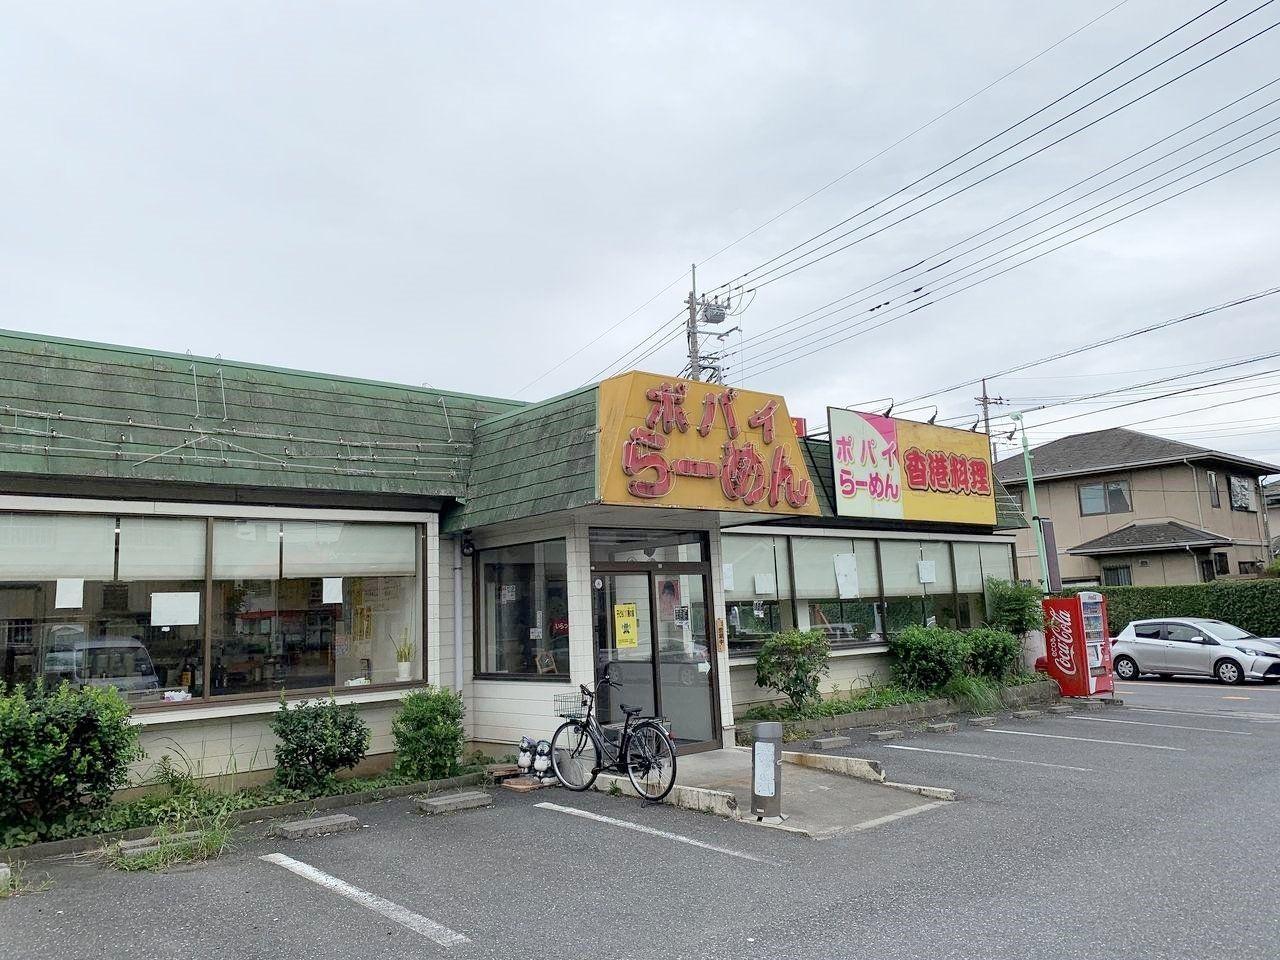 昔からある三郷の地元の有名店です